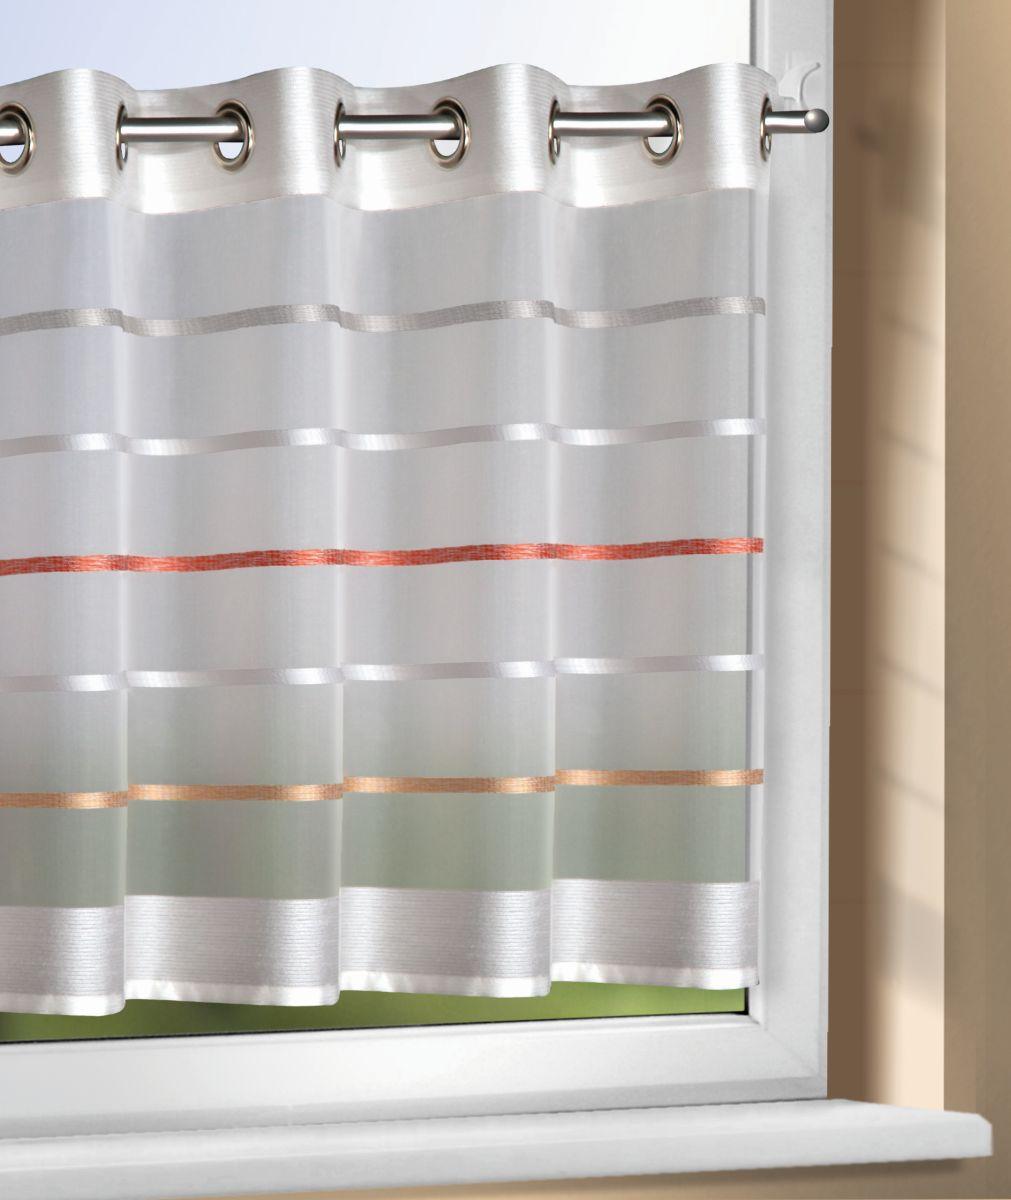 Full Size of Küchengardinen Kchengardinen Mit Sen Gardinen Outlet Wohnzimmer Küchengardinen